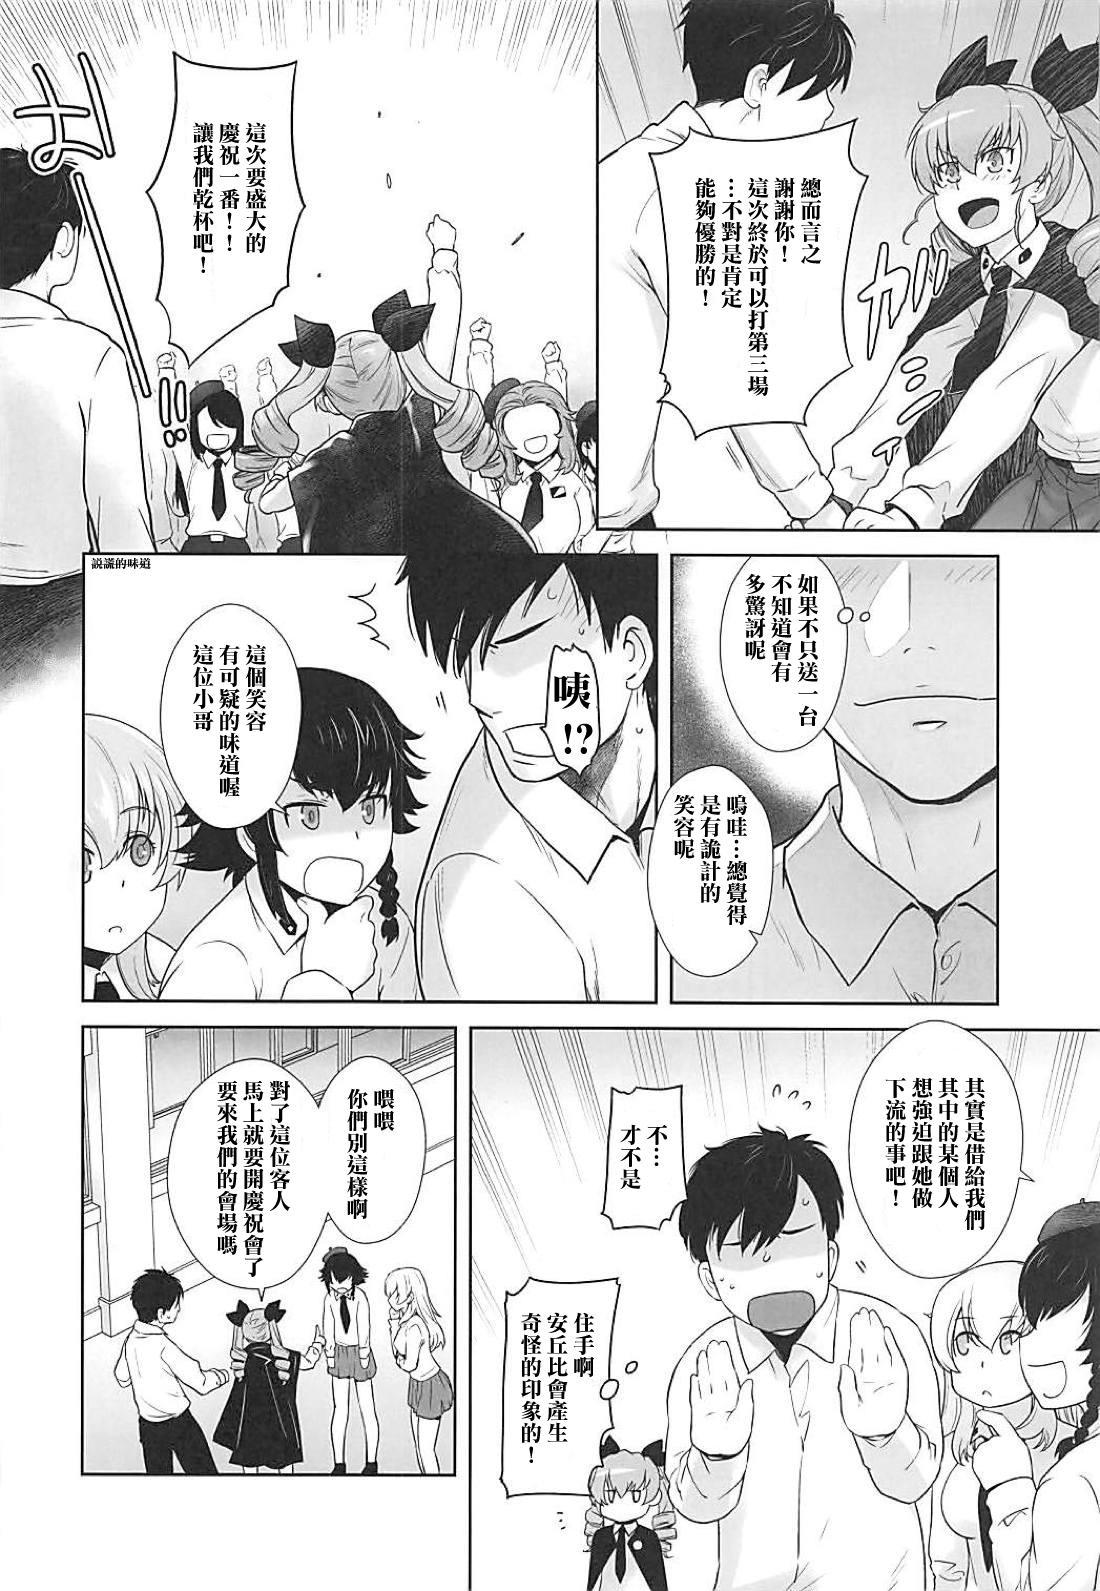 Anata ga Anchovy o Shiawase ni Suru Hon 10